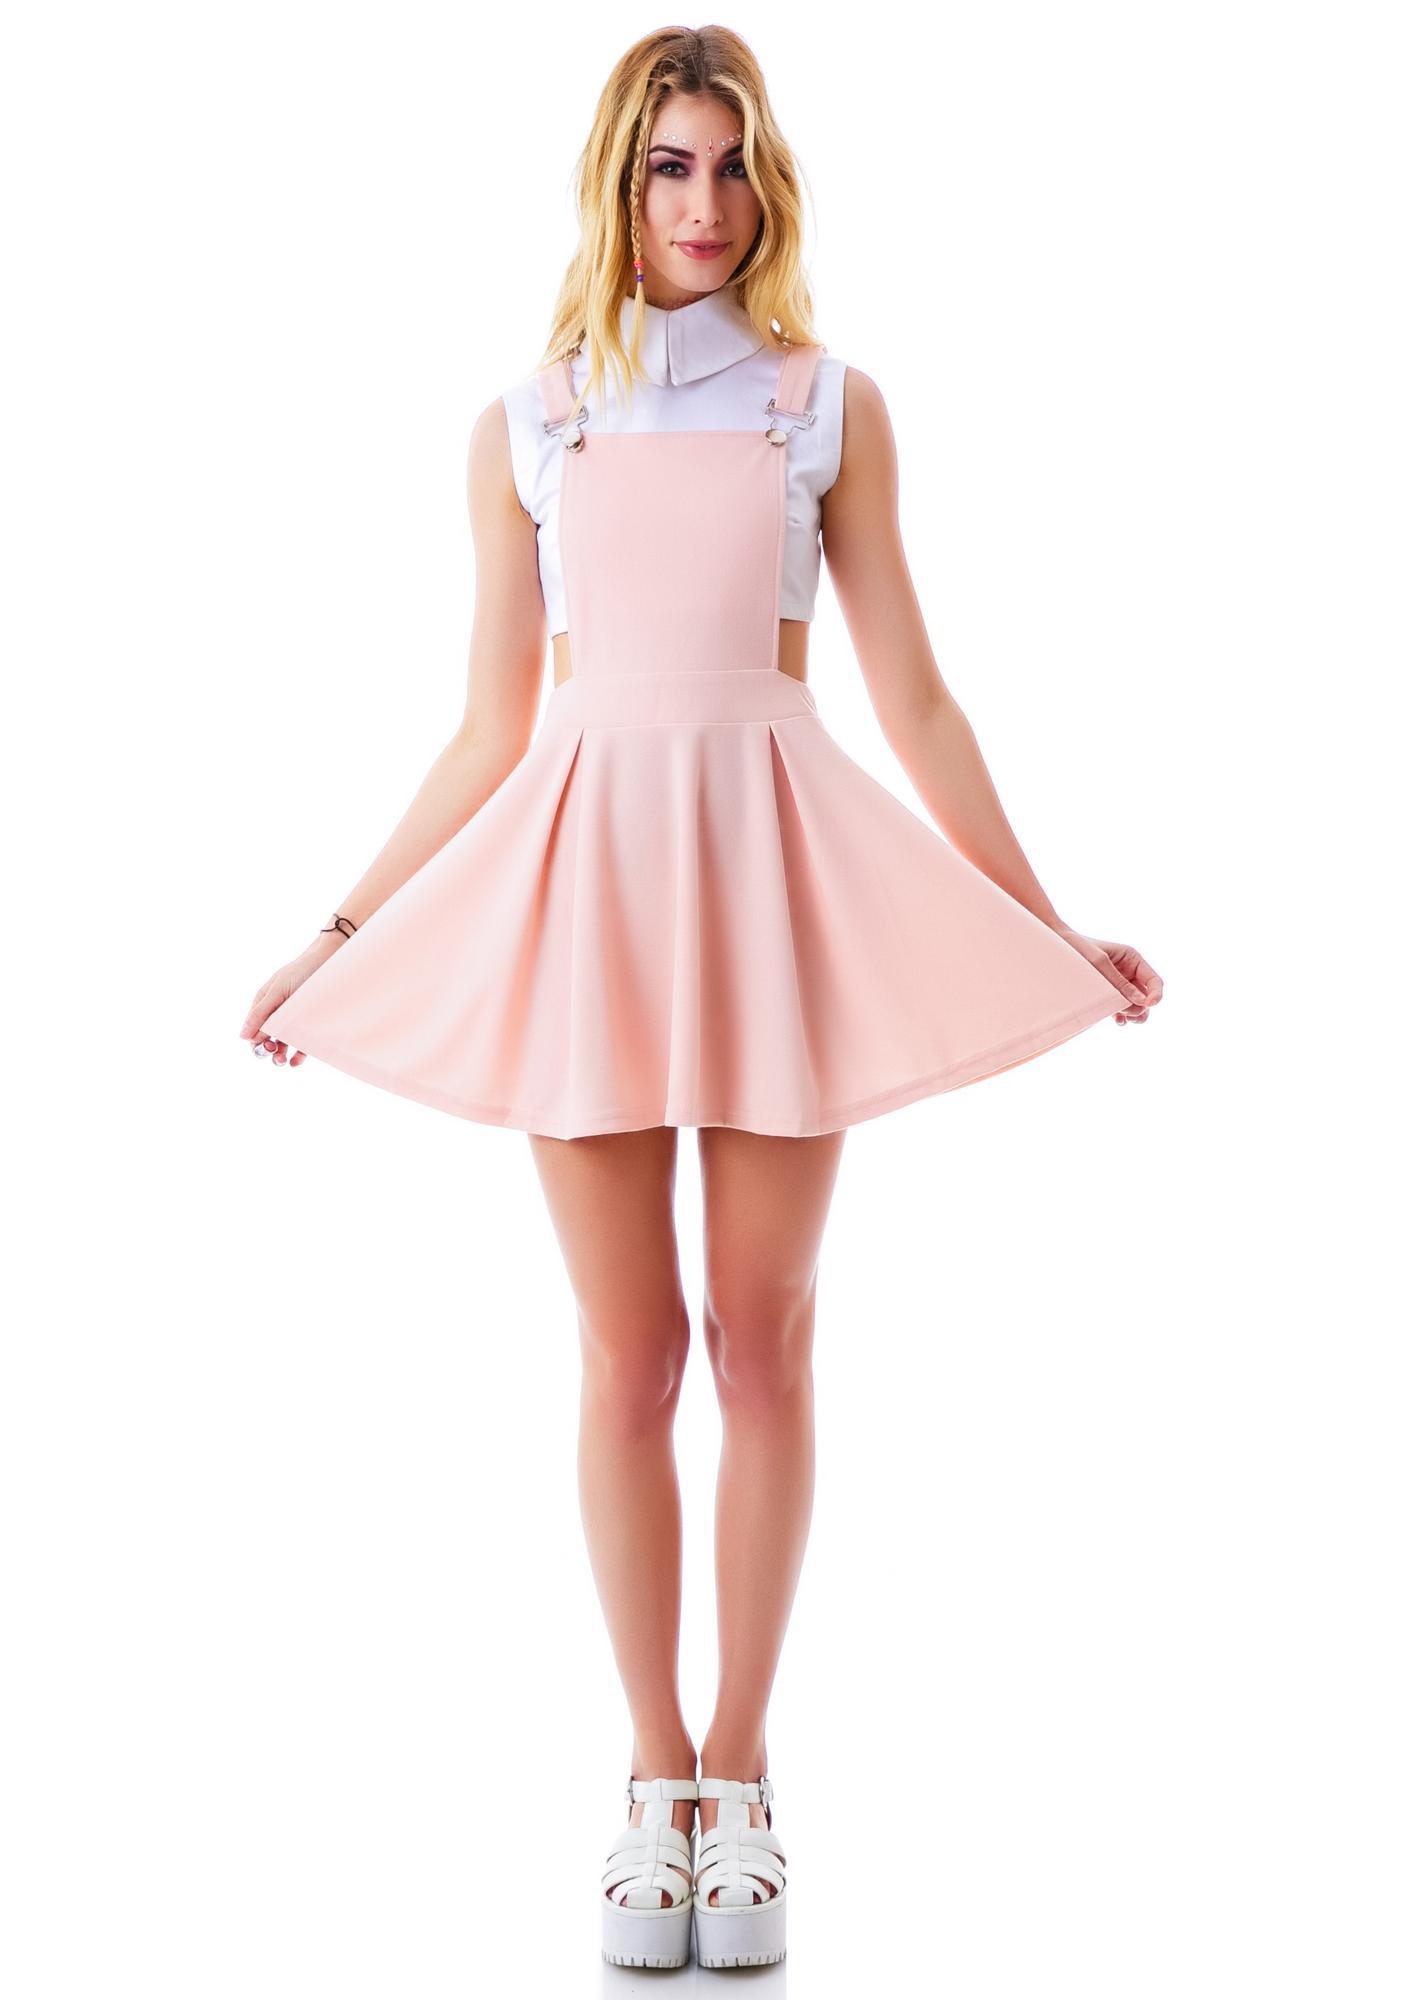 Good Girl Vs Bad Girl Makeup Good: Good Girl Suspender Dress